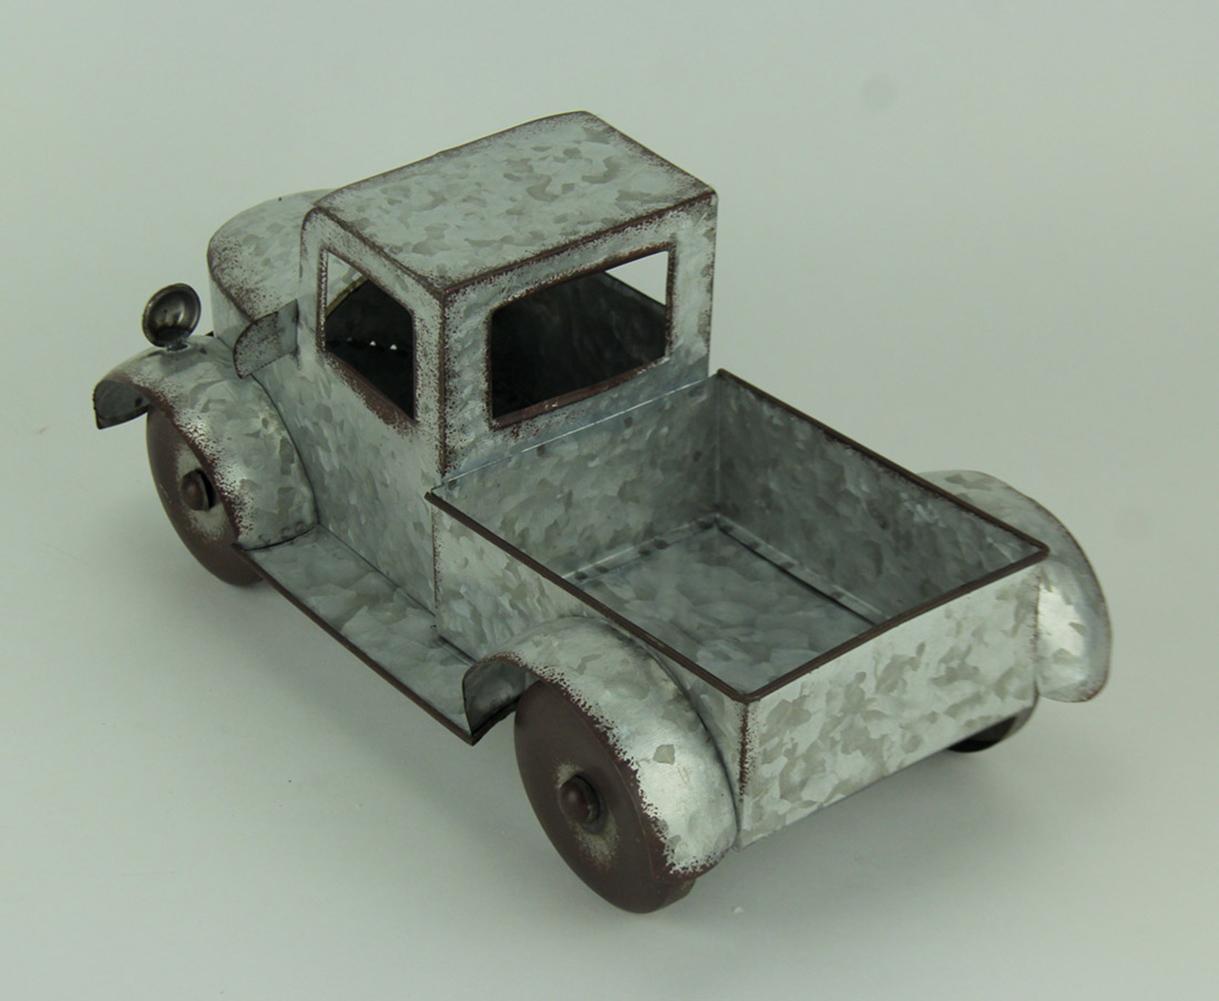 thumbnail 12 - Zeckos Rustic Metal Antique Truck Indoor or Outdoor Planter